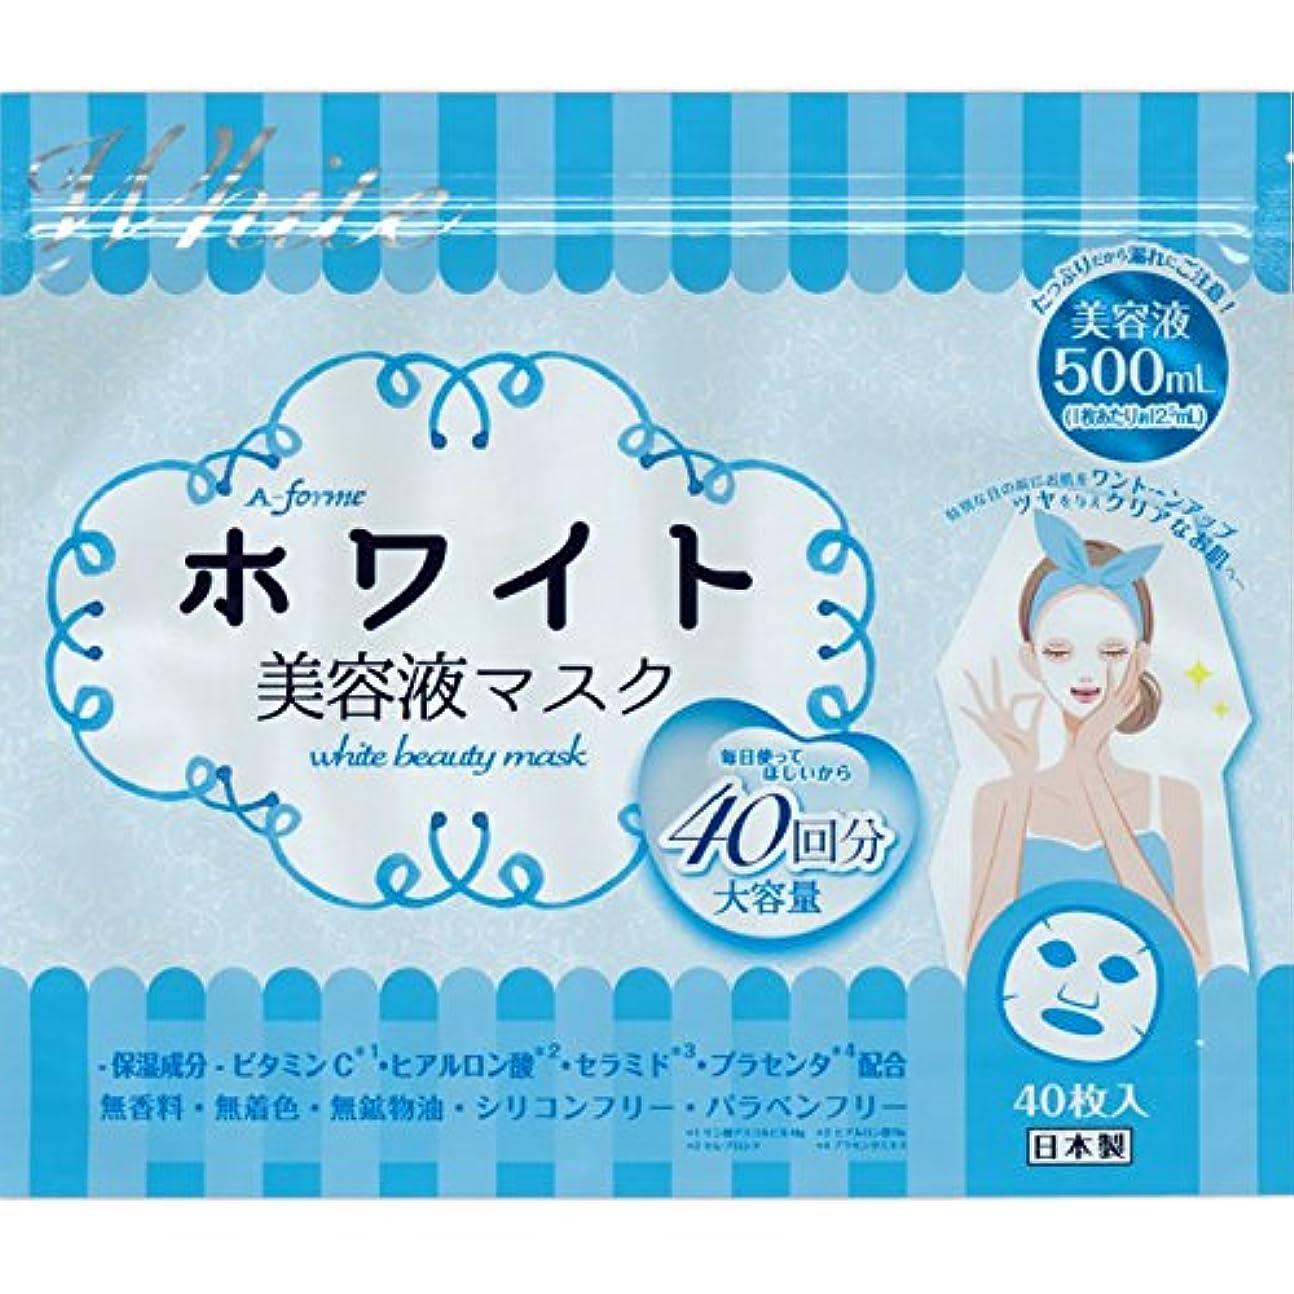 型ラインナップ納税者エーフォルム ホワイト美容液マスク40枚×6